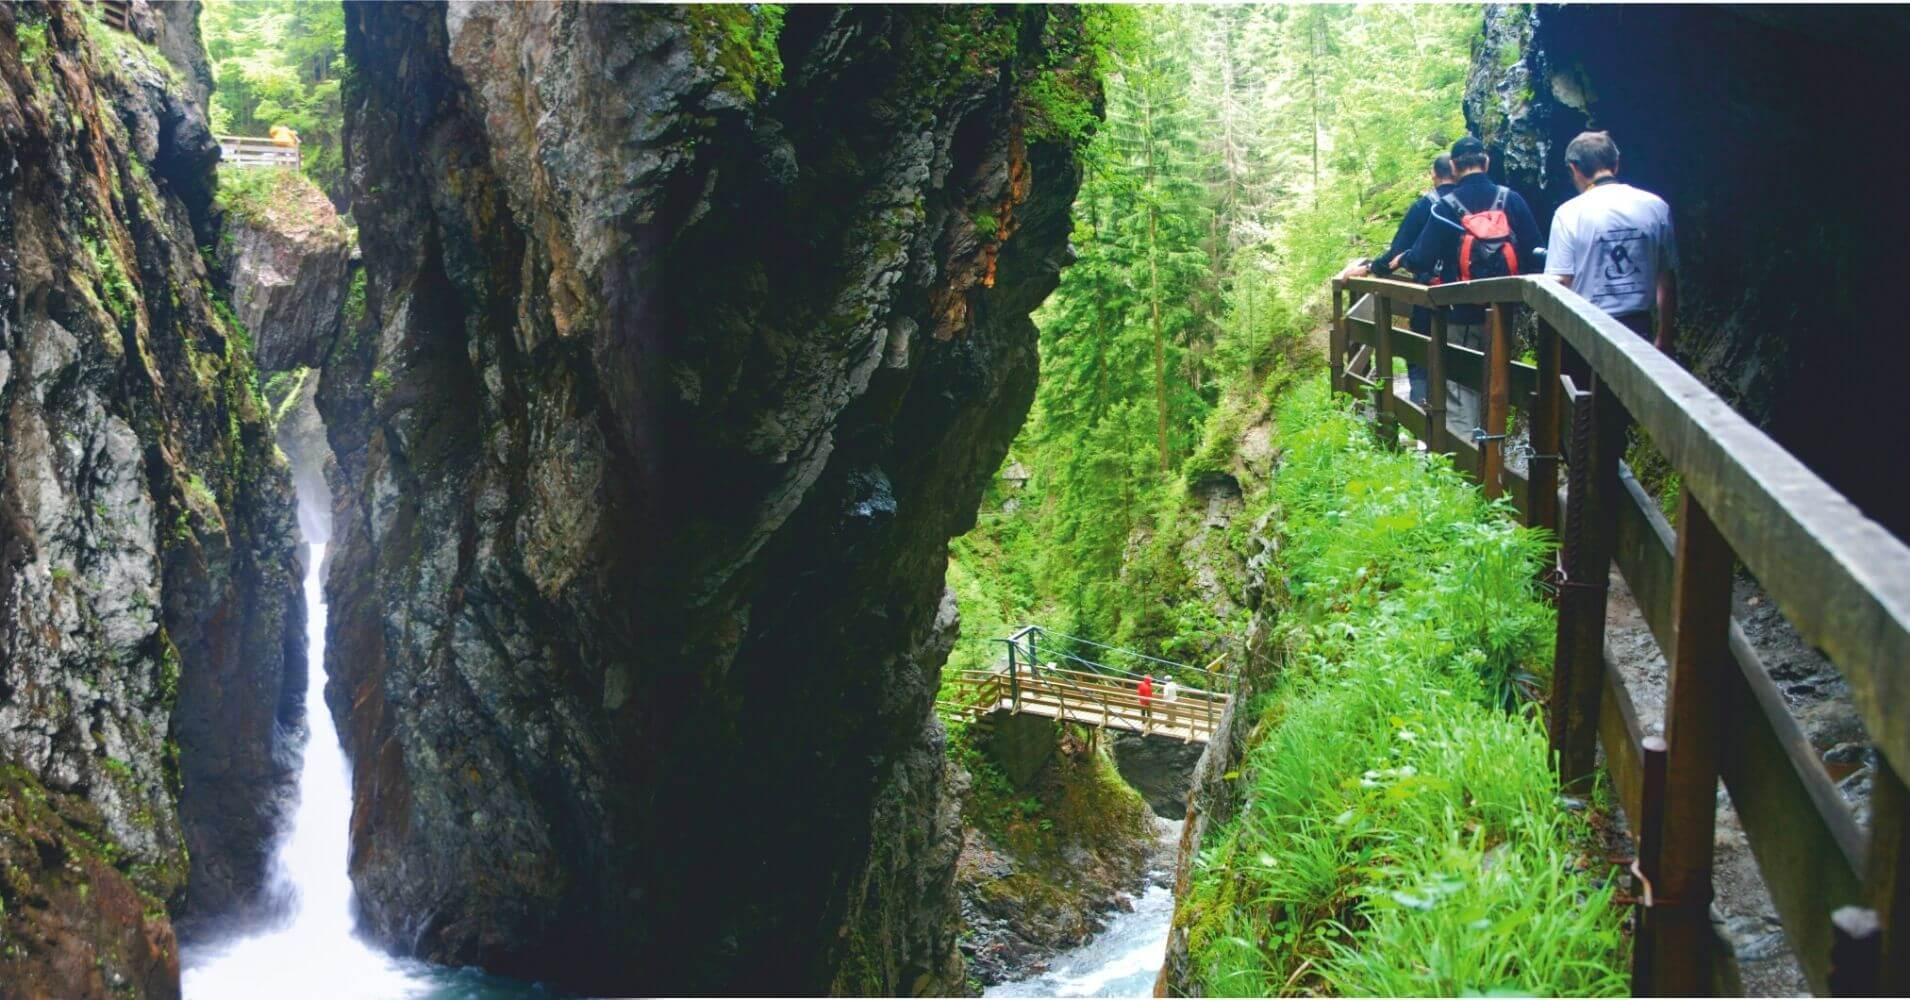 Puente Natural de la Garganta, Alta Saboya. Auvernia-Ródano-Alpes. Francia.